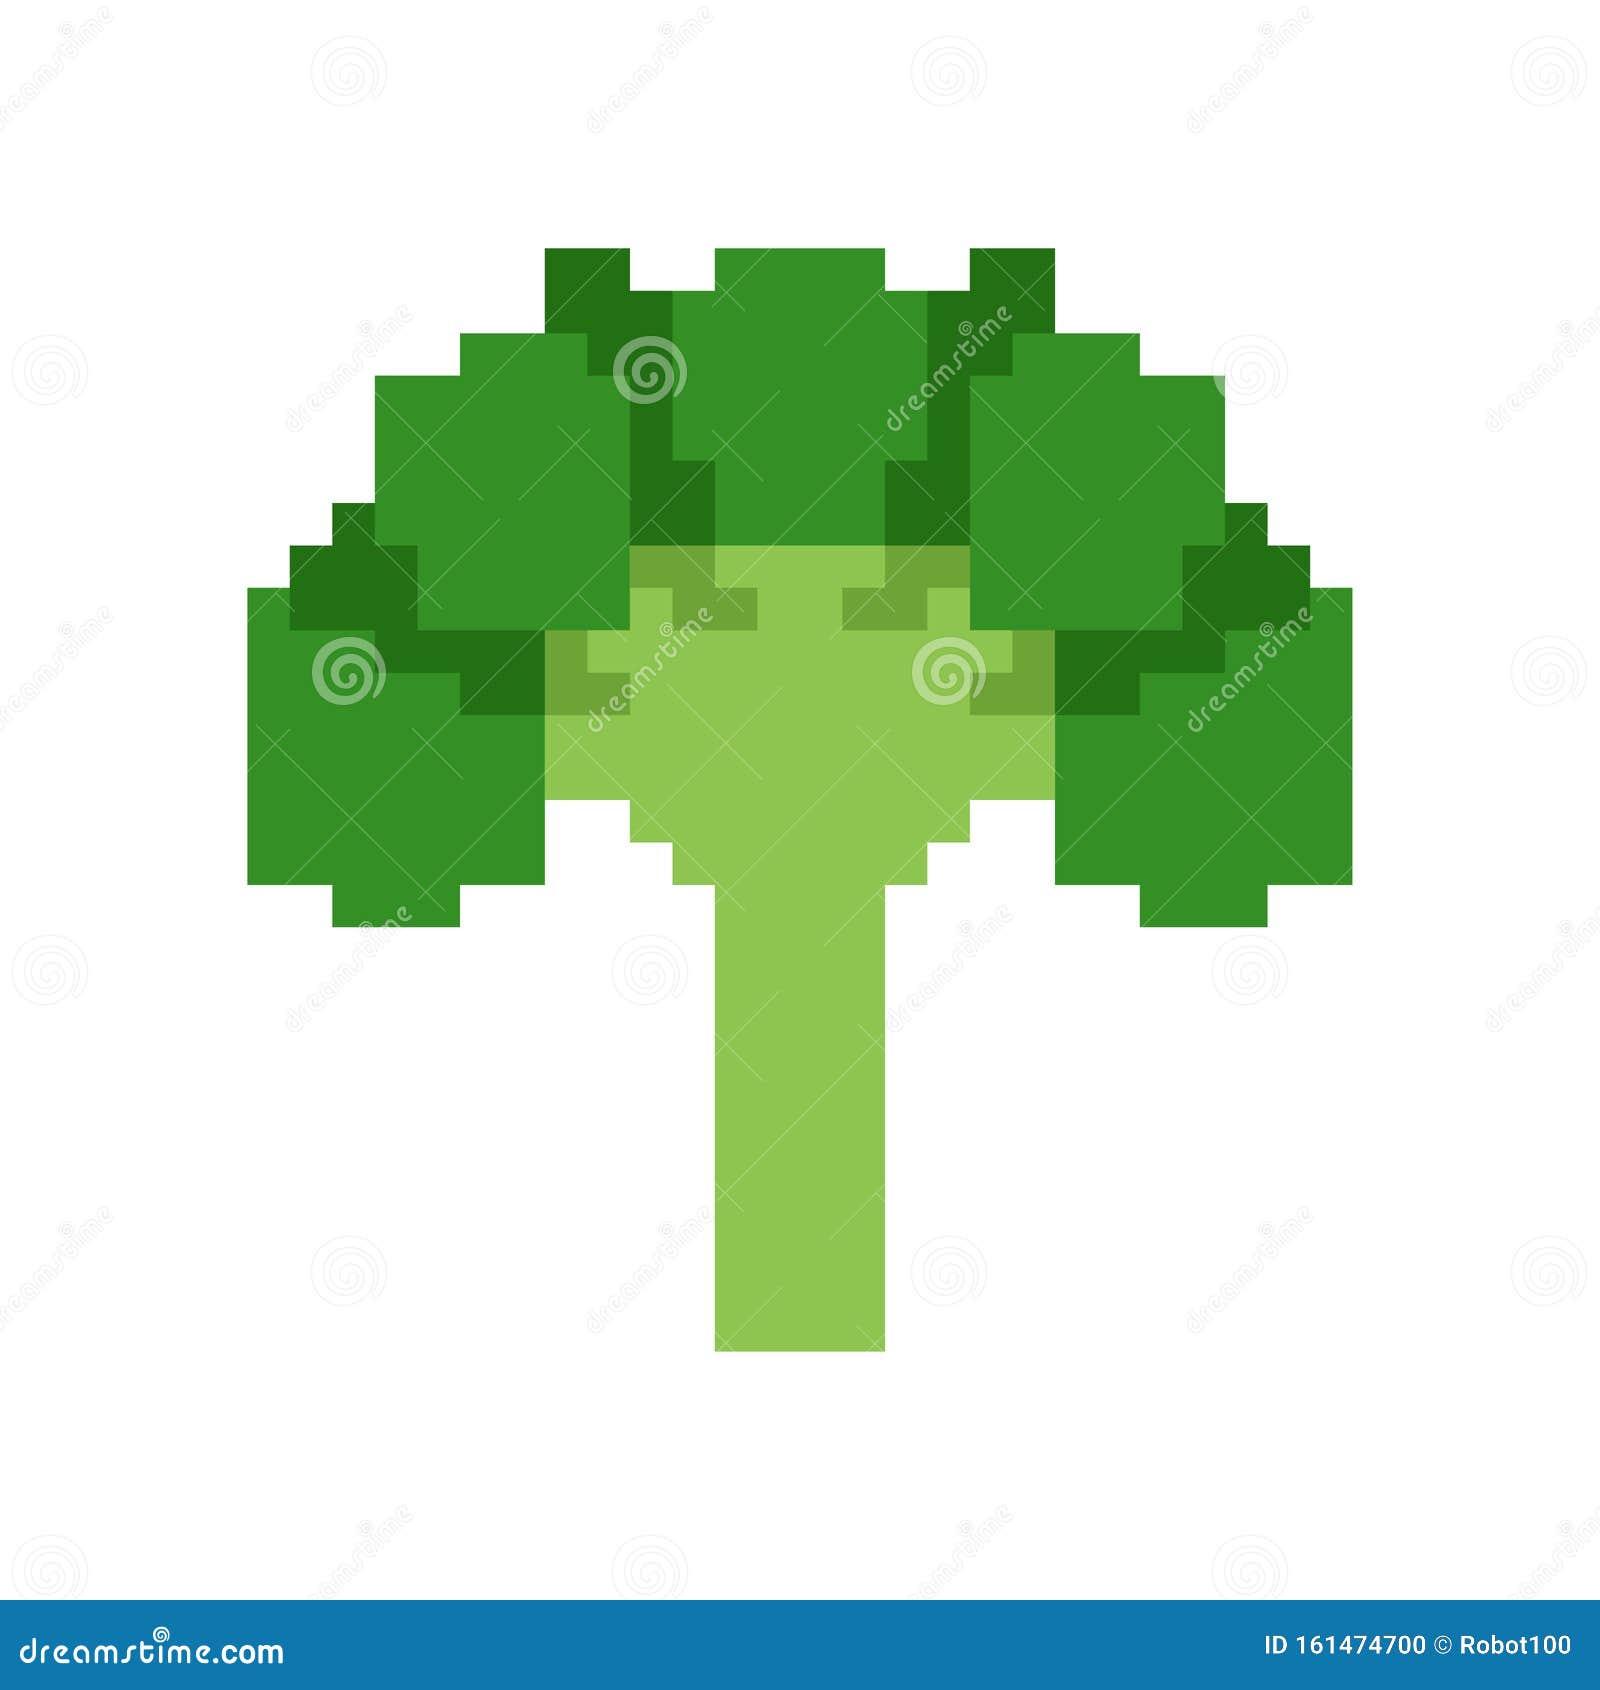 Broccoli Pixel Art. Vegetable 8 Bit. Pixelate Vector